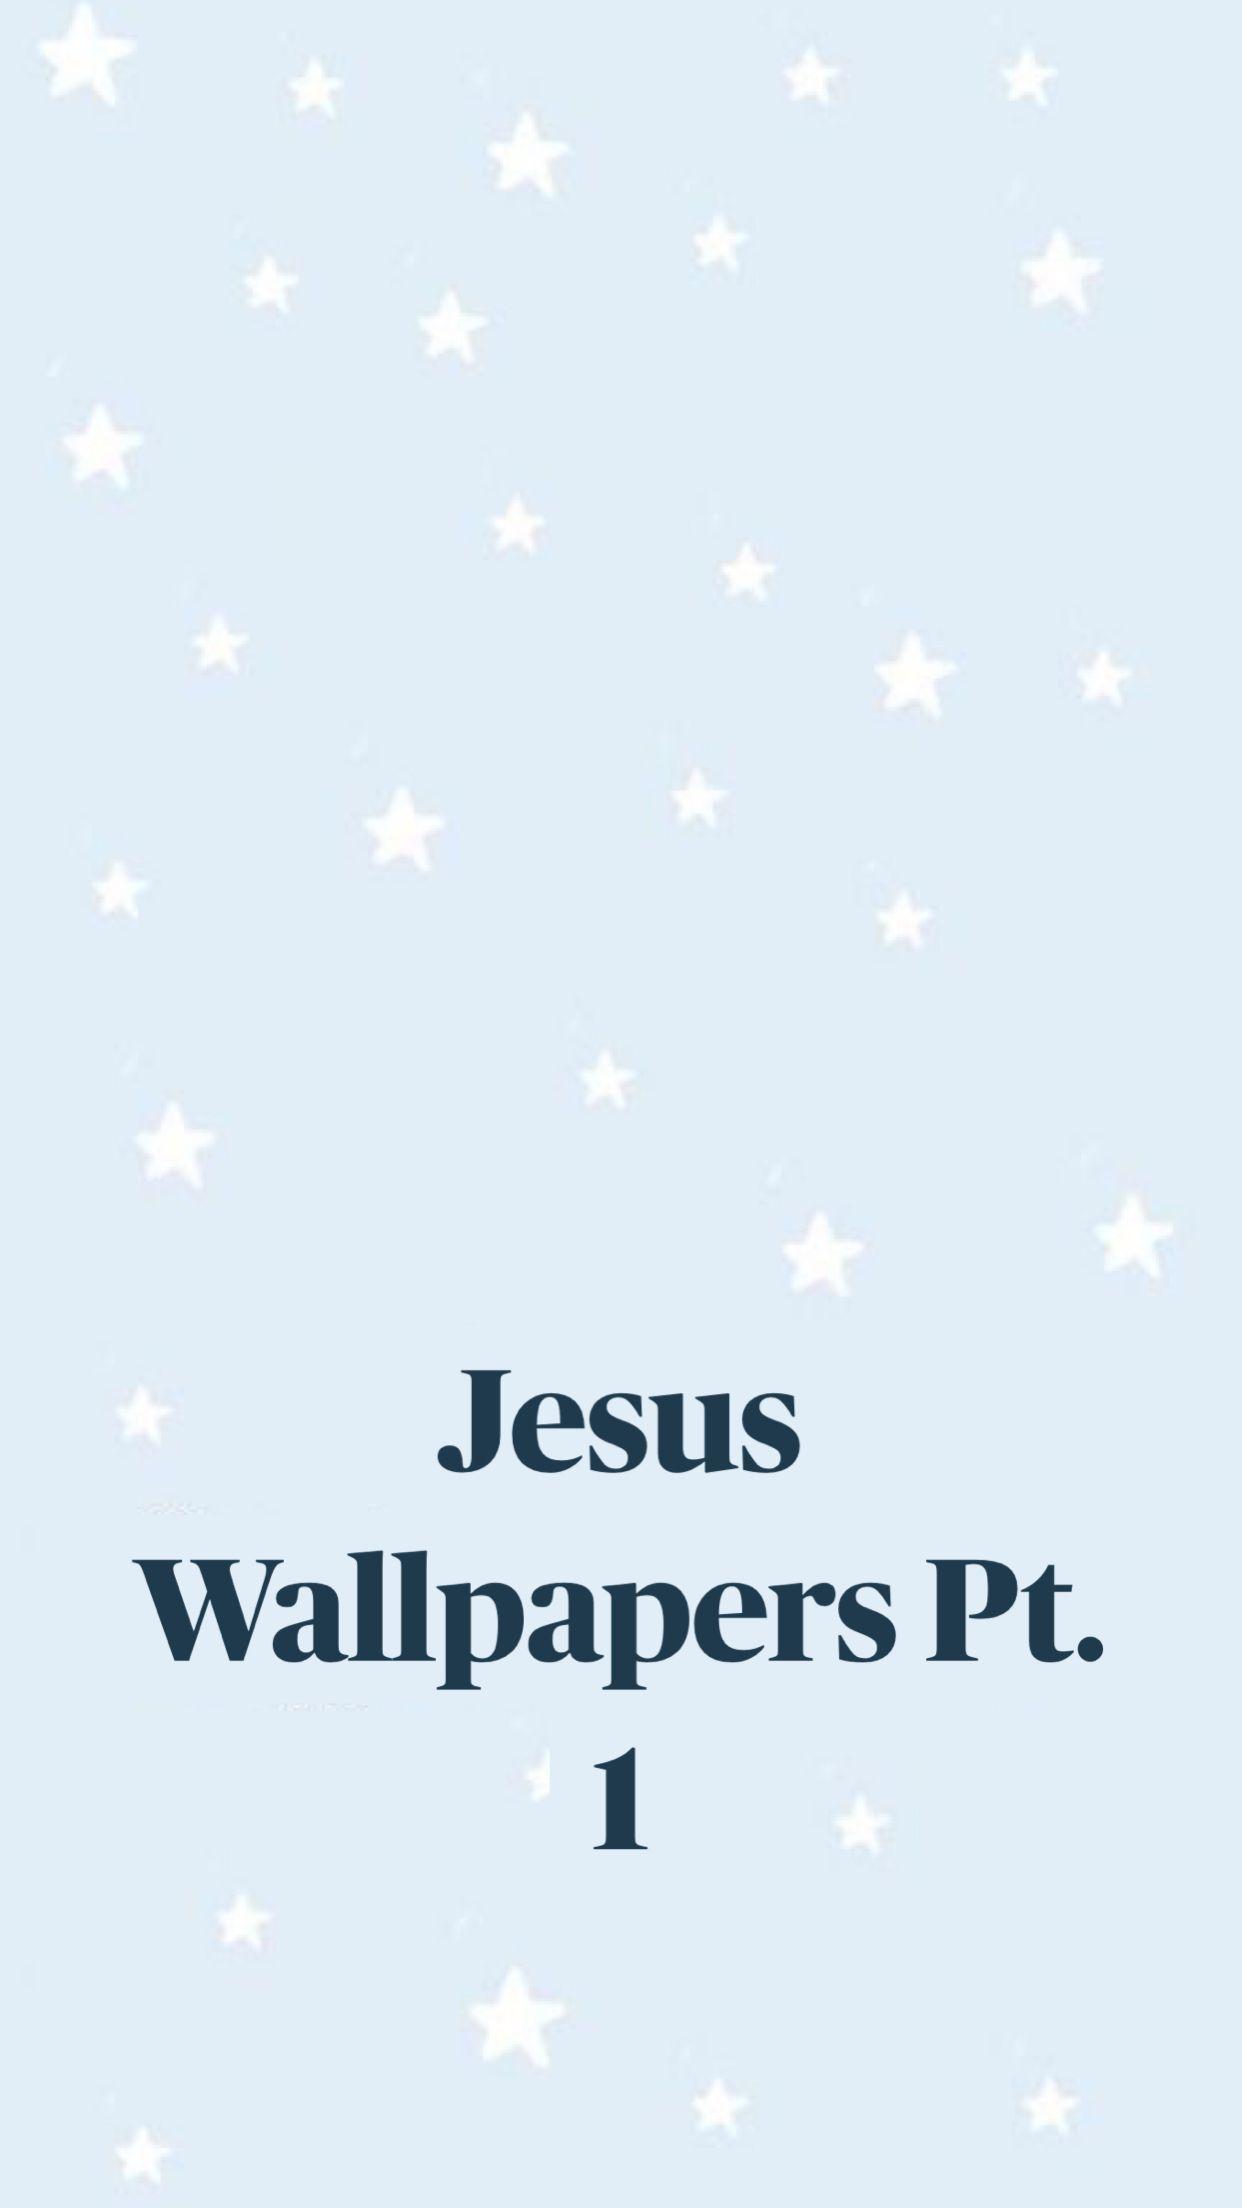 Jesus Wallpapers Pt. 1